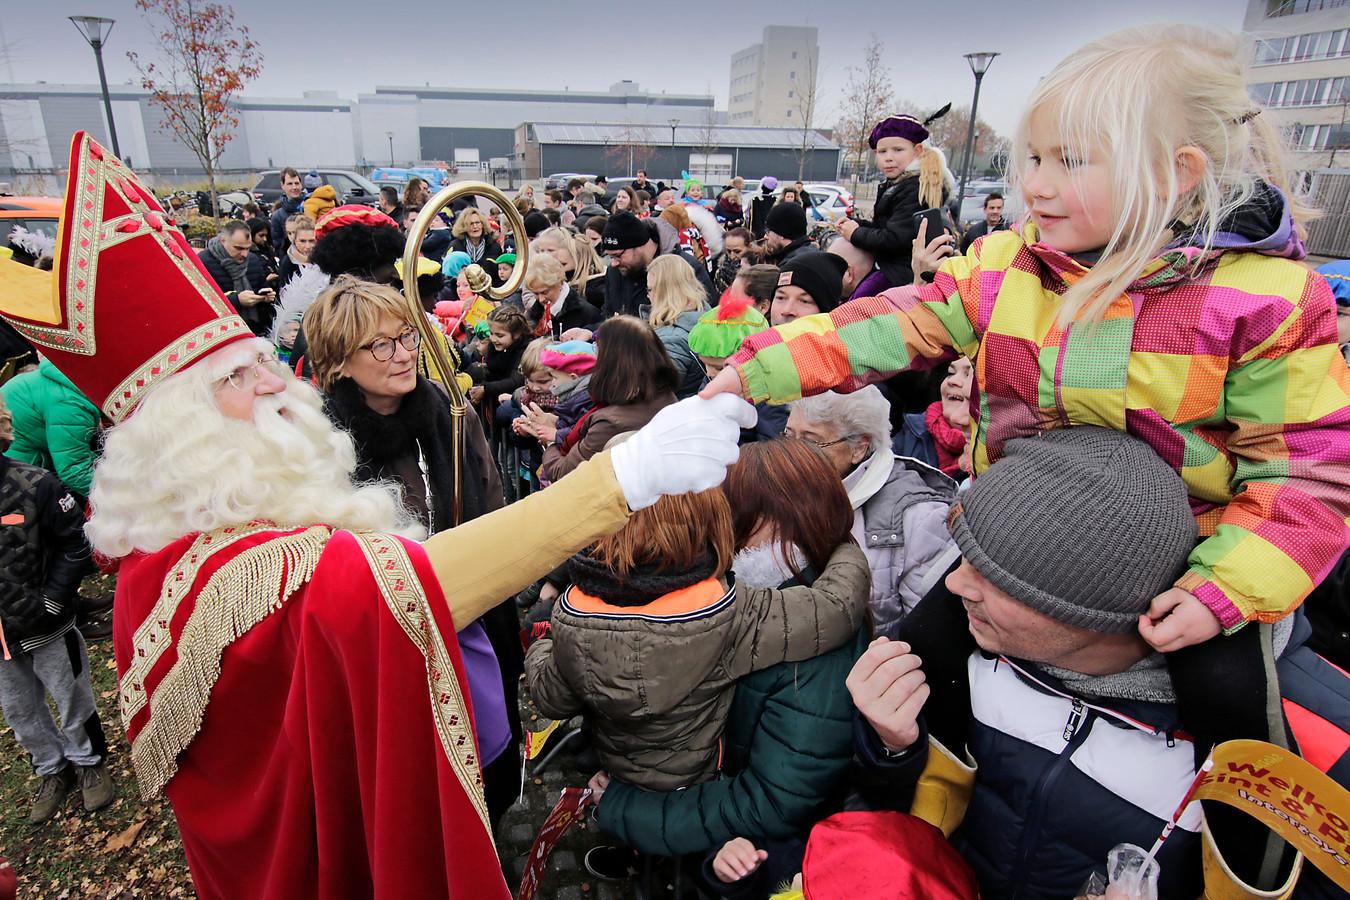 De aankomst van Sinterklaas in de Osse haven, twee jaar geleden.